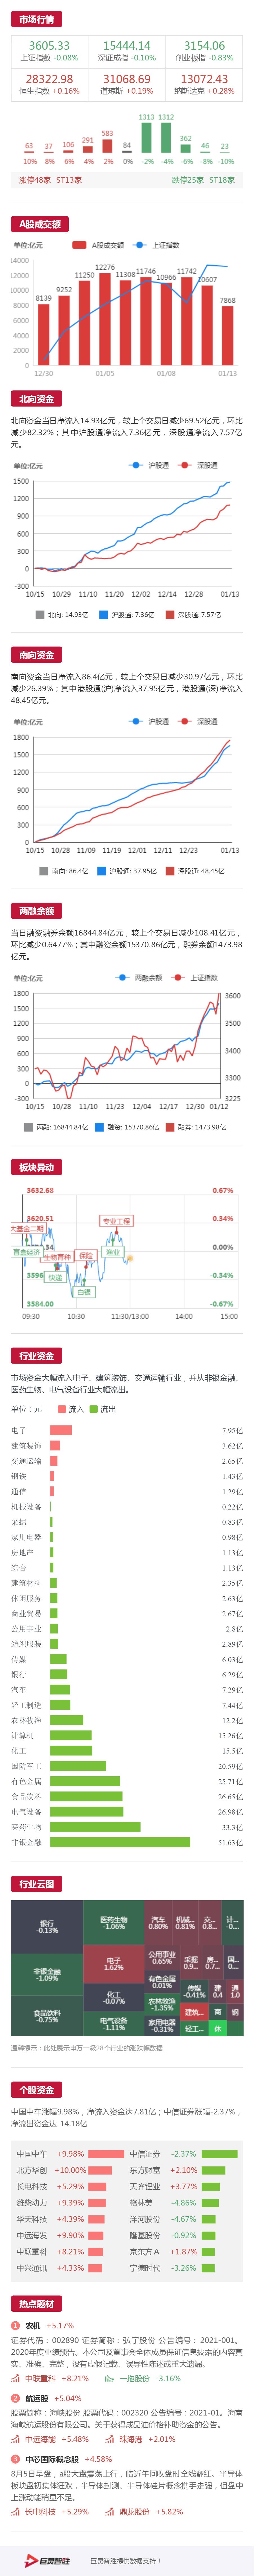 【午盘速递01-13】中字头股票拉升 指数弱势盘整